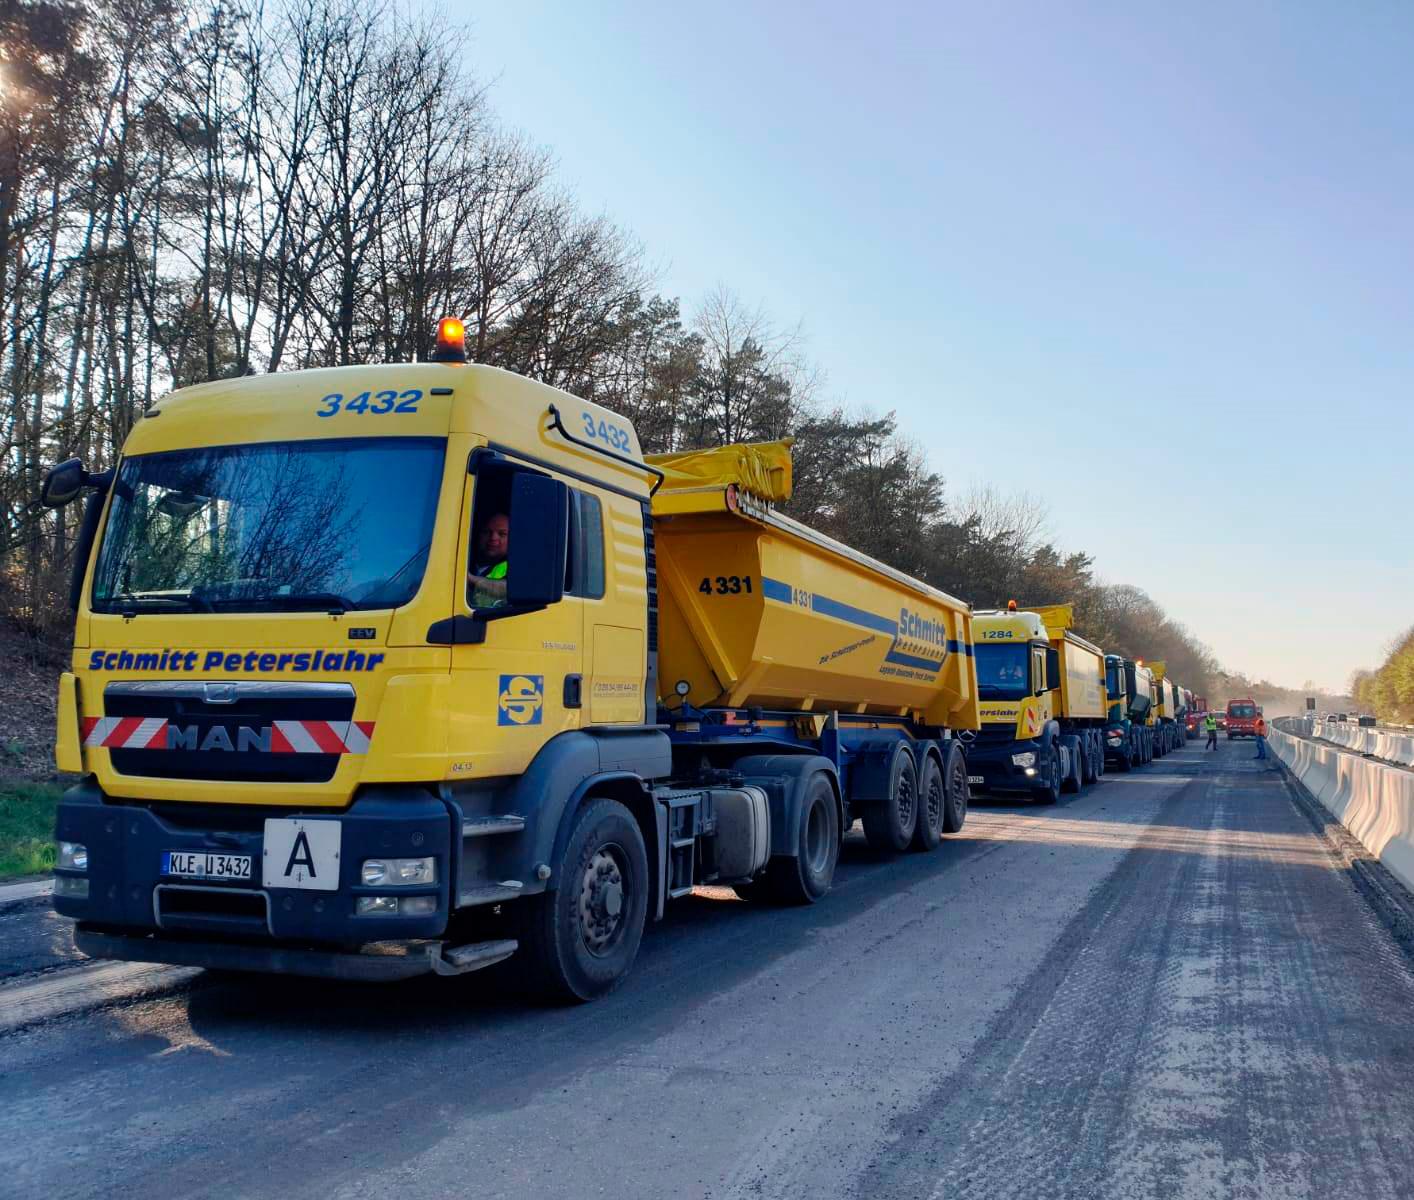 A57-bis-zu-45-Lkw-am-Tag-im-Einsatz